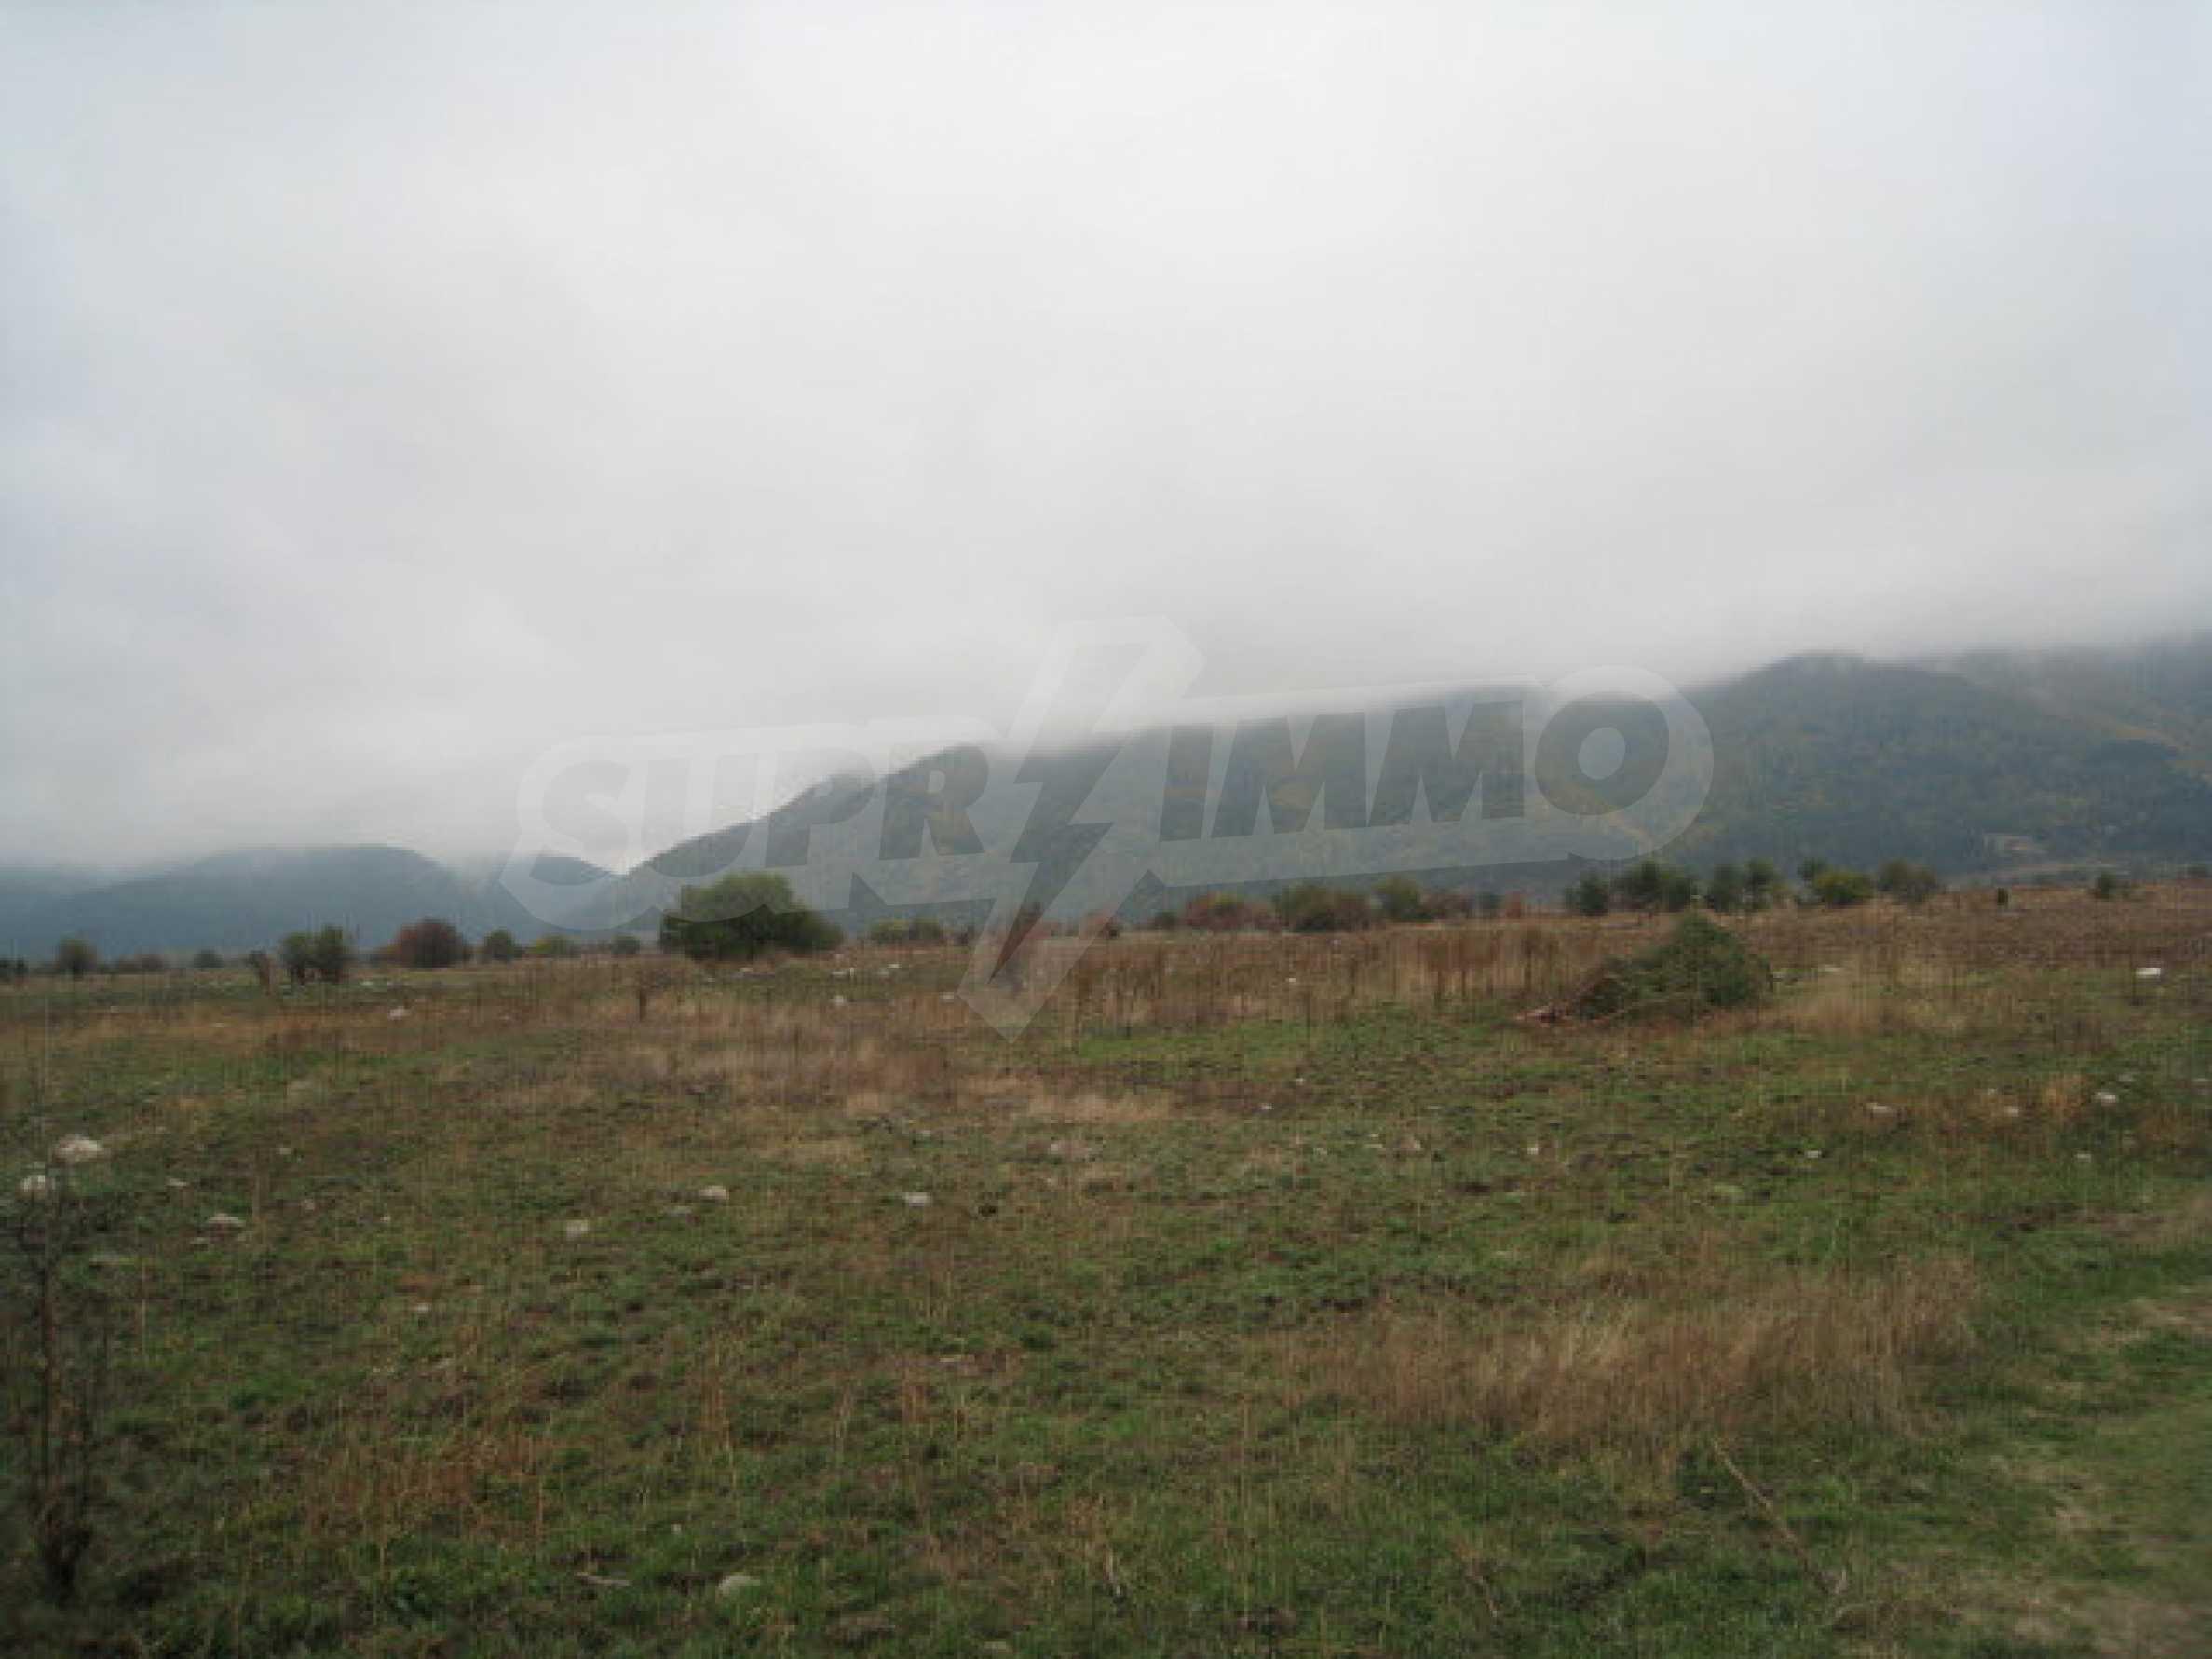 Bauland 14 km von Borovets entfernt 1